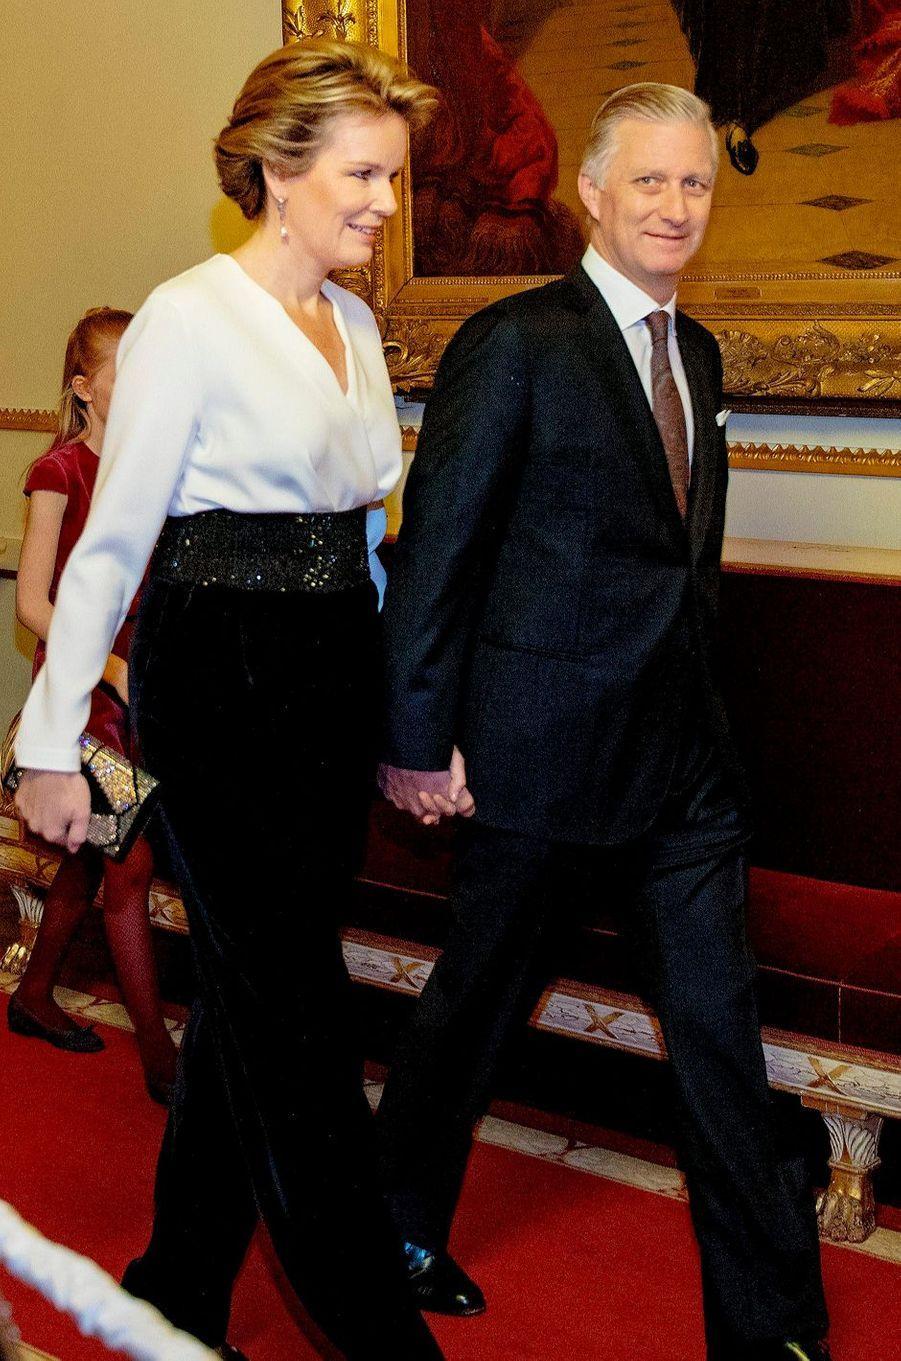 La reine Mathilde et le roi des Belges Philippe à Bruxelles, le 19 décembre 2018